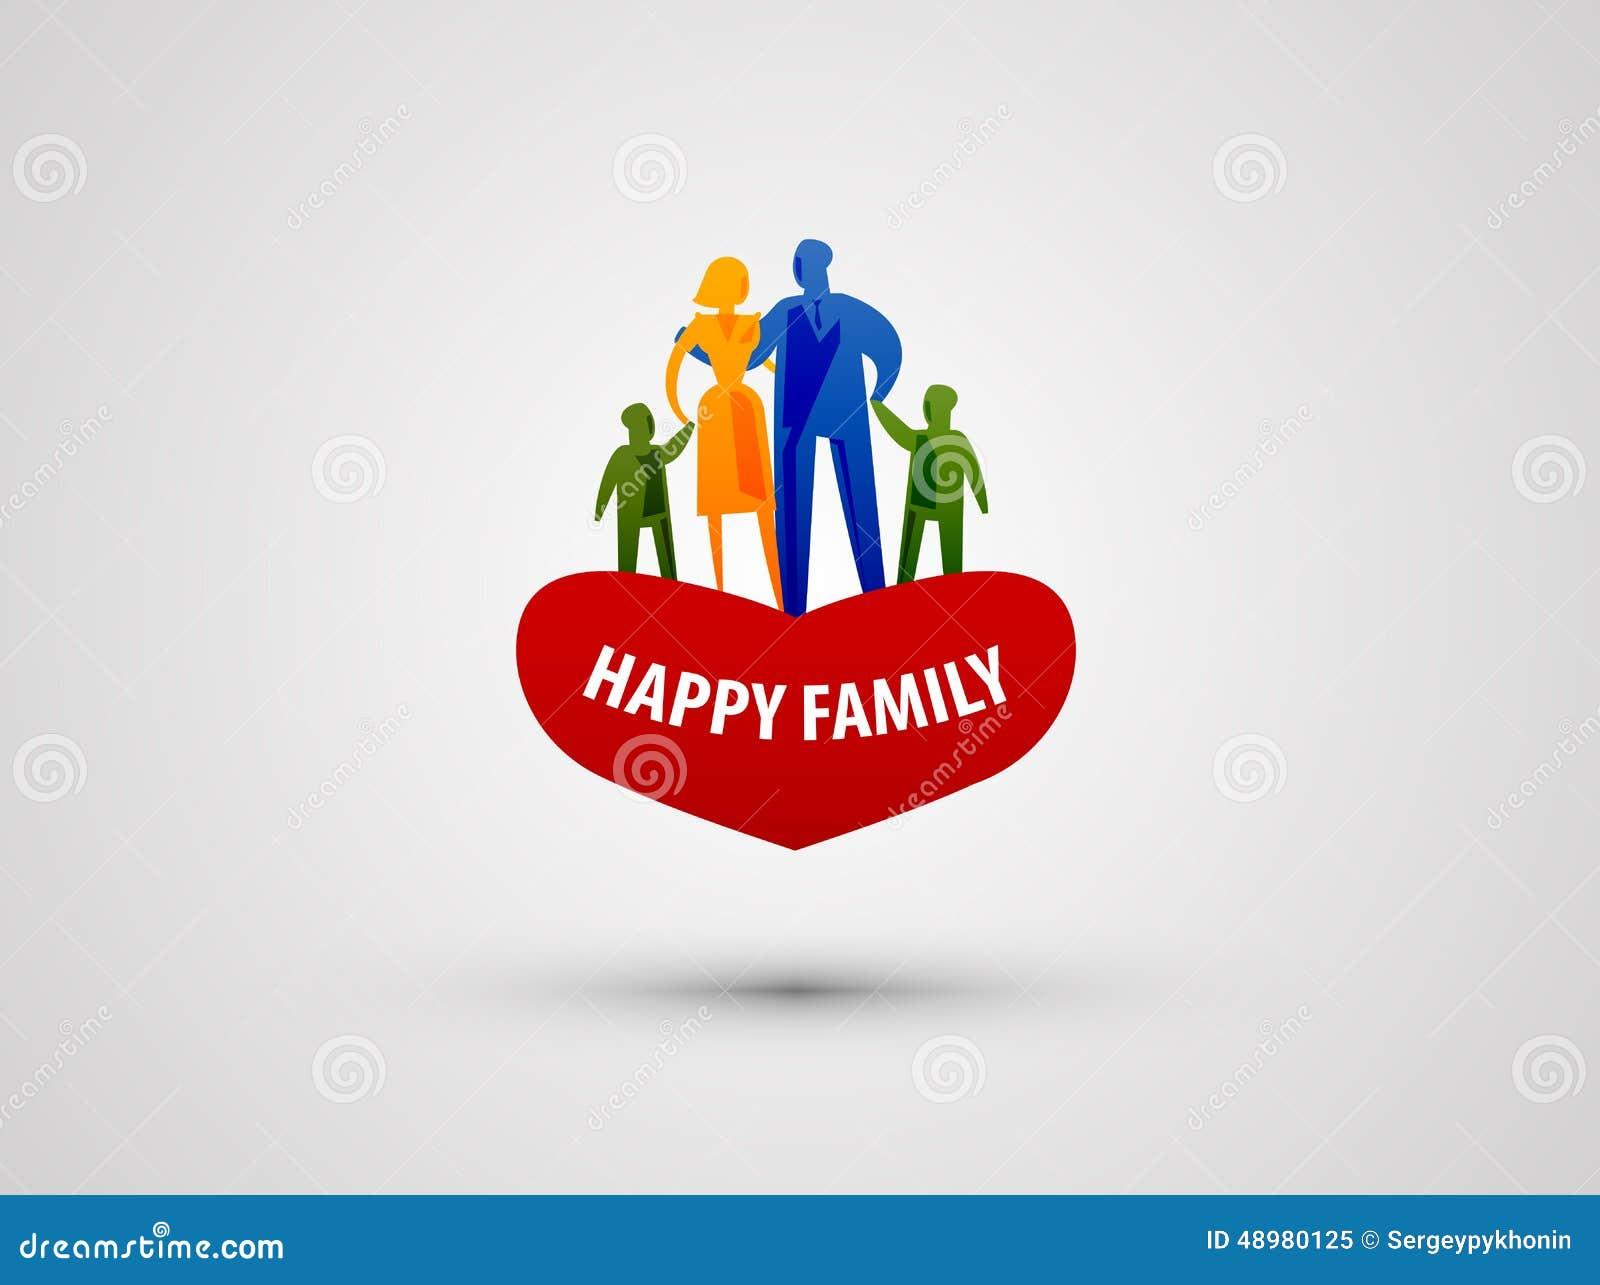 Family Logo Designs by DesignVamp® for $39